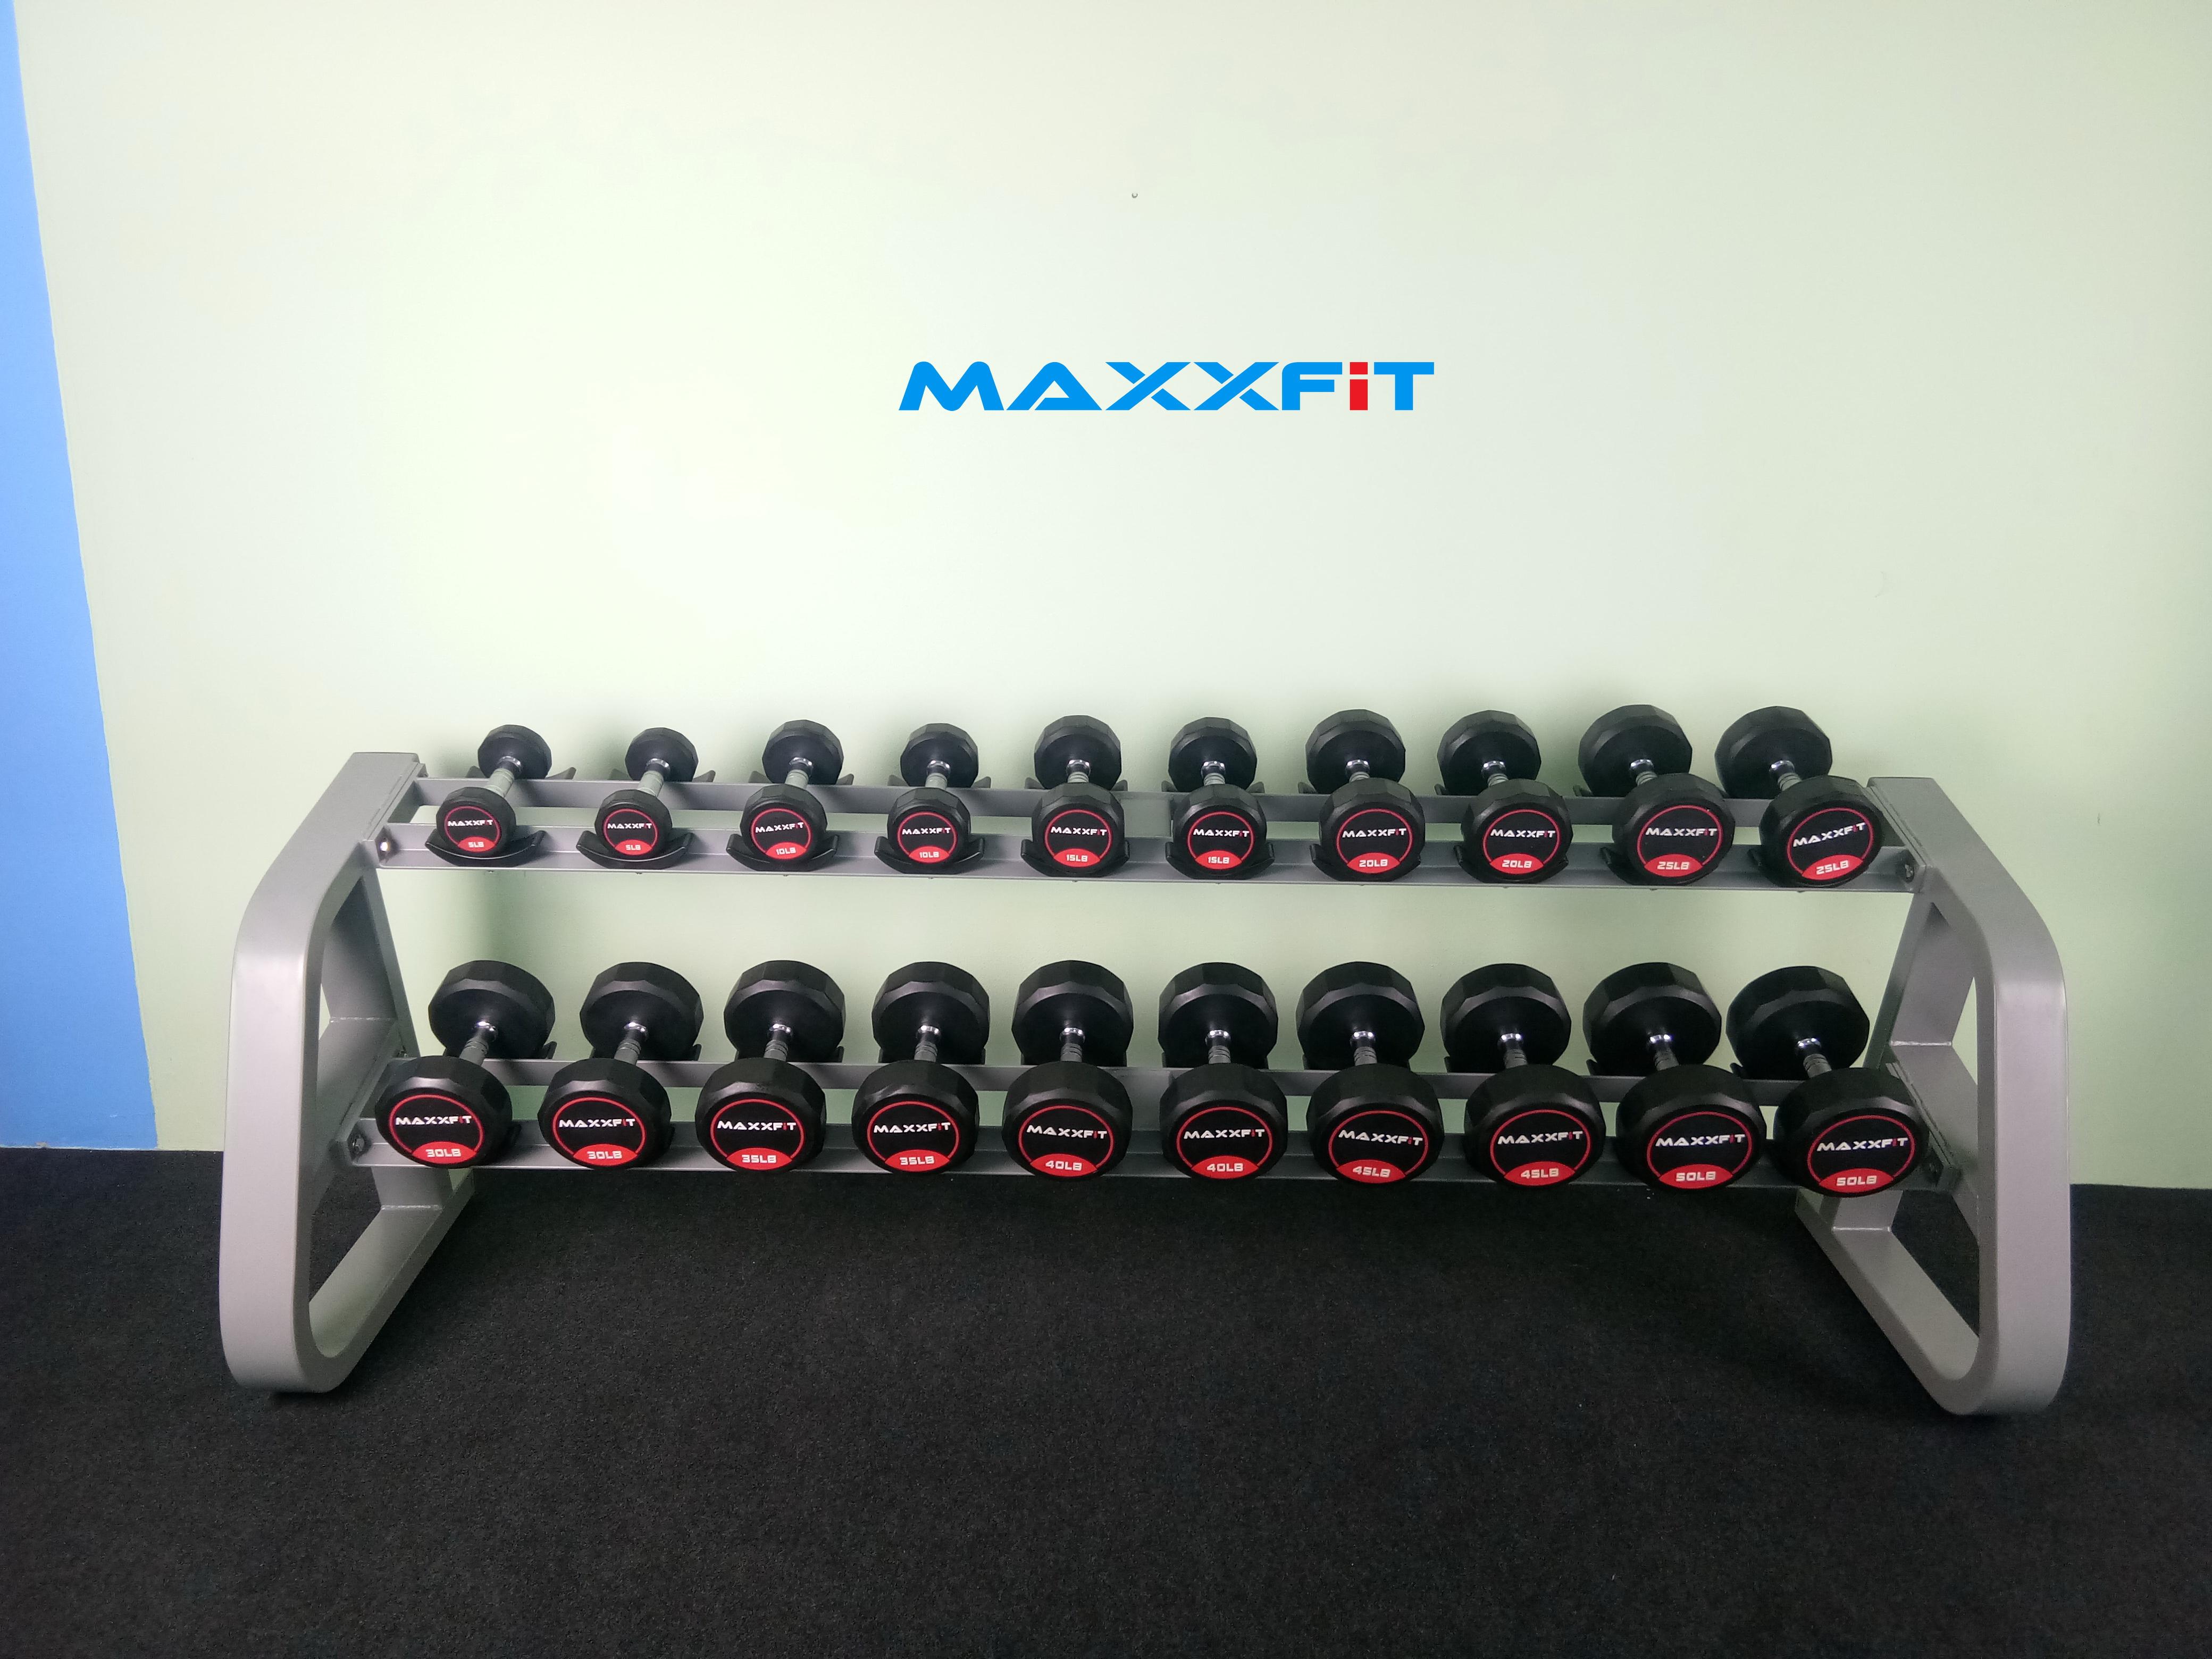 ชุดดัมเบล MAXXFiT ทรง 12 เหลี่ยม ขนาด 5 - 50 LBS. (10 คู่) พร้อมชั้นวาง 2 ชั้น 10 คู่ สีเทา